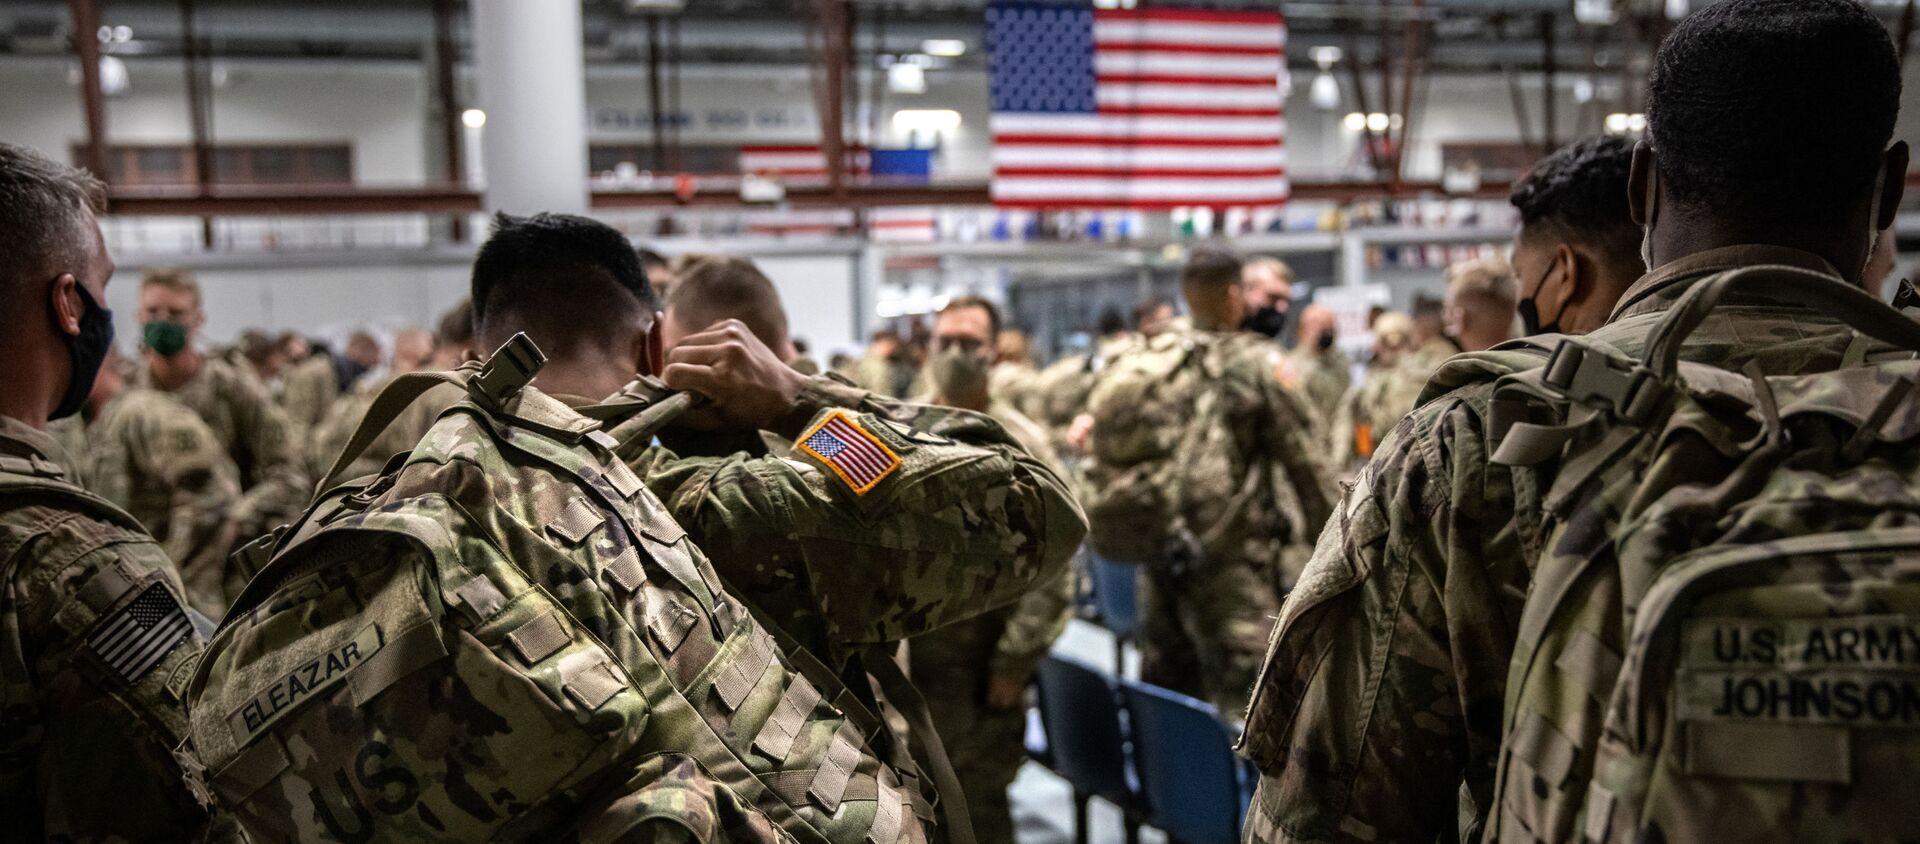 Des militaires US arrivent à Fort Drum, près de New York, après avoir passé neuf mois en Afghanistan en 2020 - Sputnik France, 1920, 23.08.2021